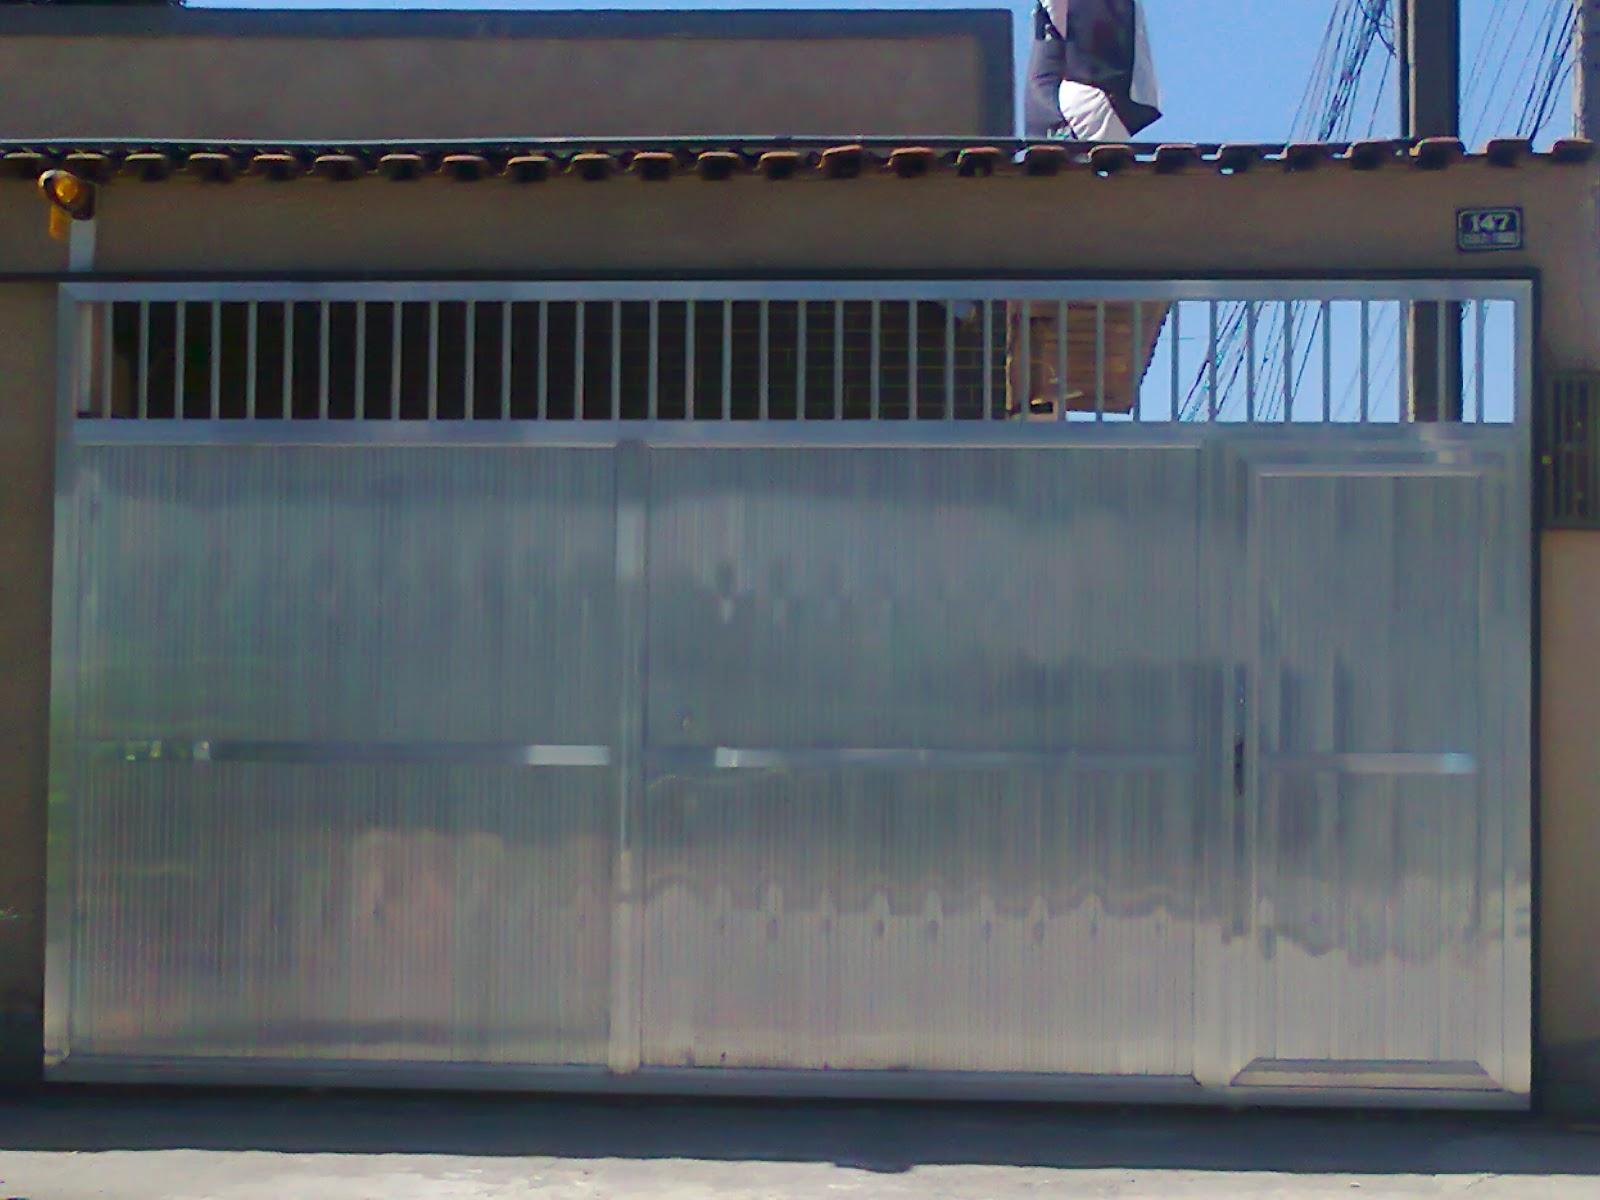 #2764A4 SERRALHERIA DEL CASTILHO RJ ZONA NORTE: Serralheria Del Castilho  496 Janelas E Portas De Aluminio Em Juiz De Fora